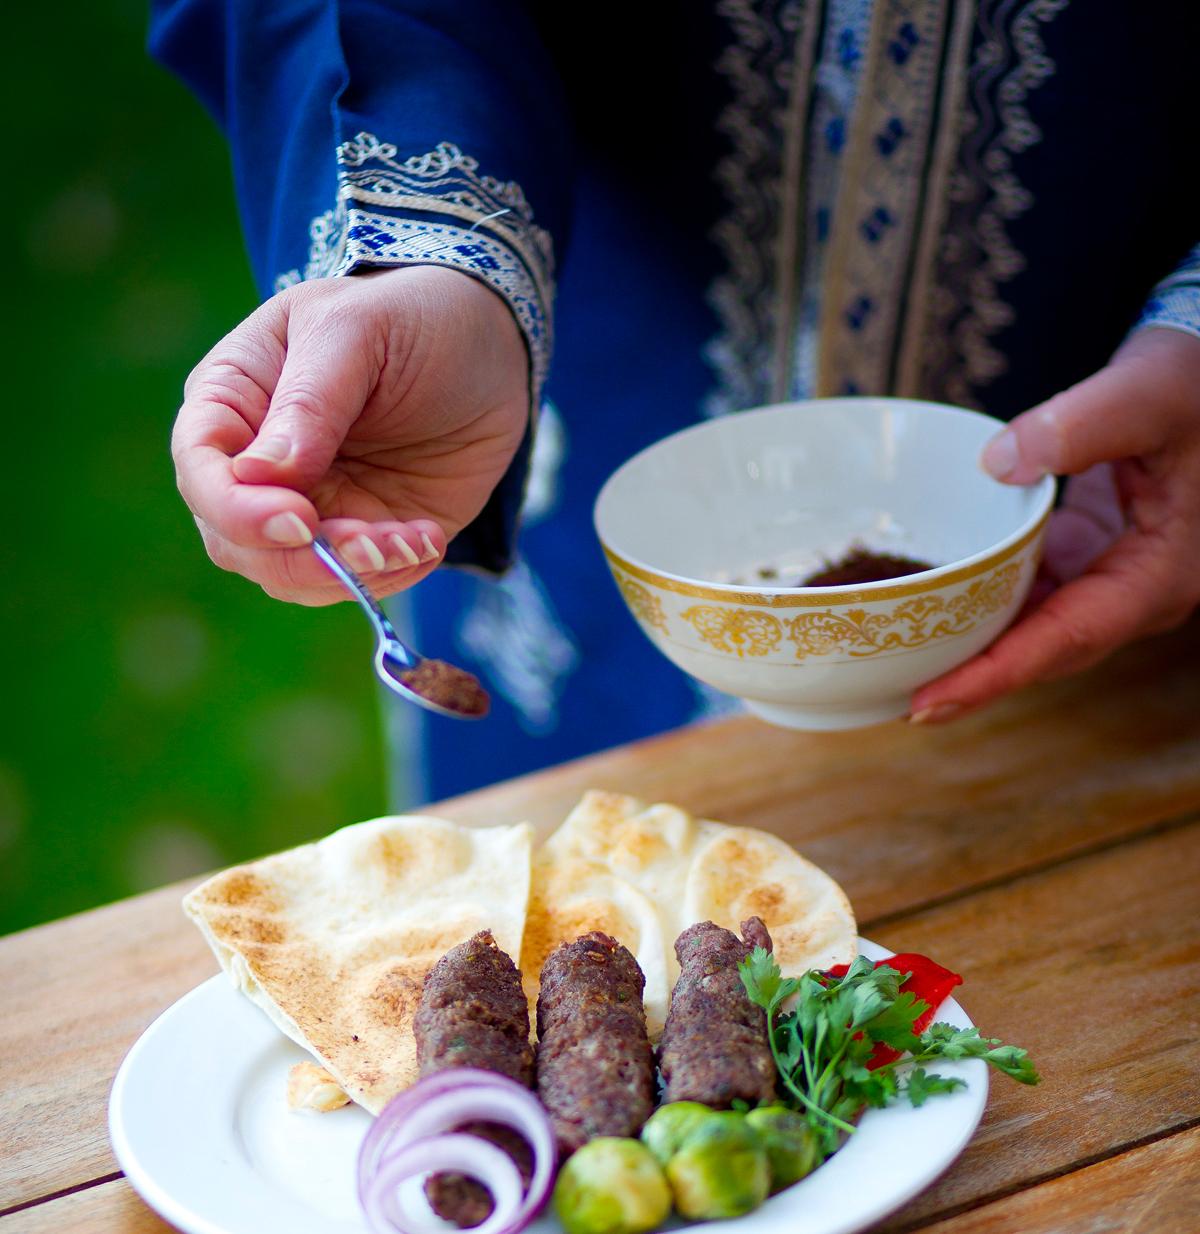 Kebab met Sumak kruid zoals gereserveerd in het Midden-Oosten.